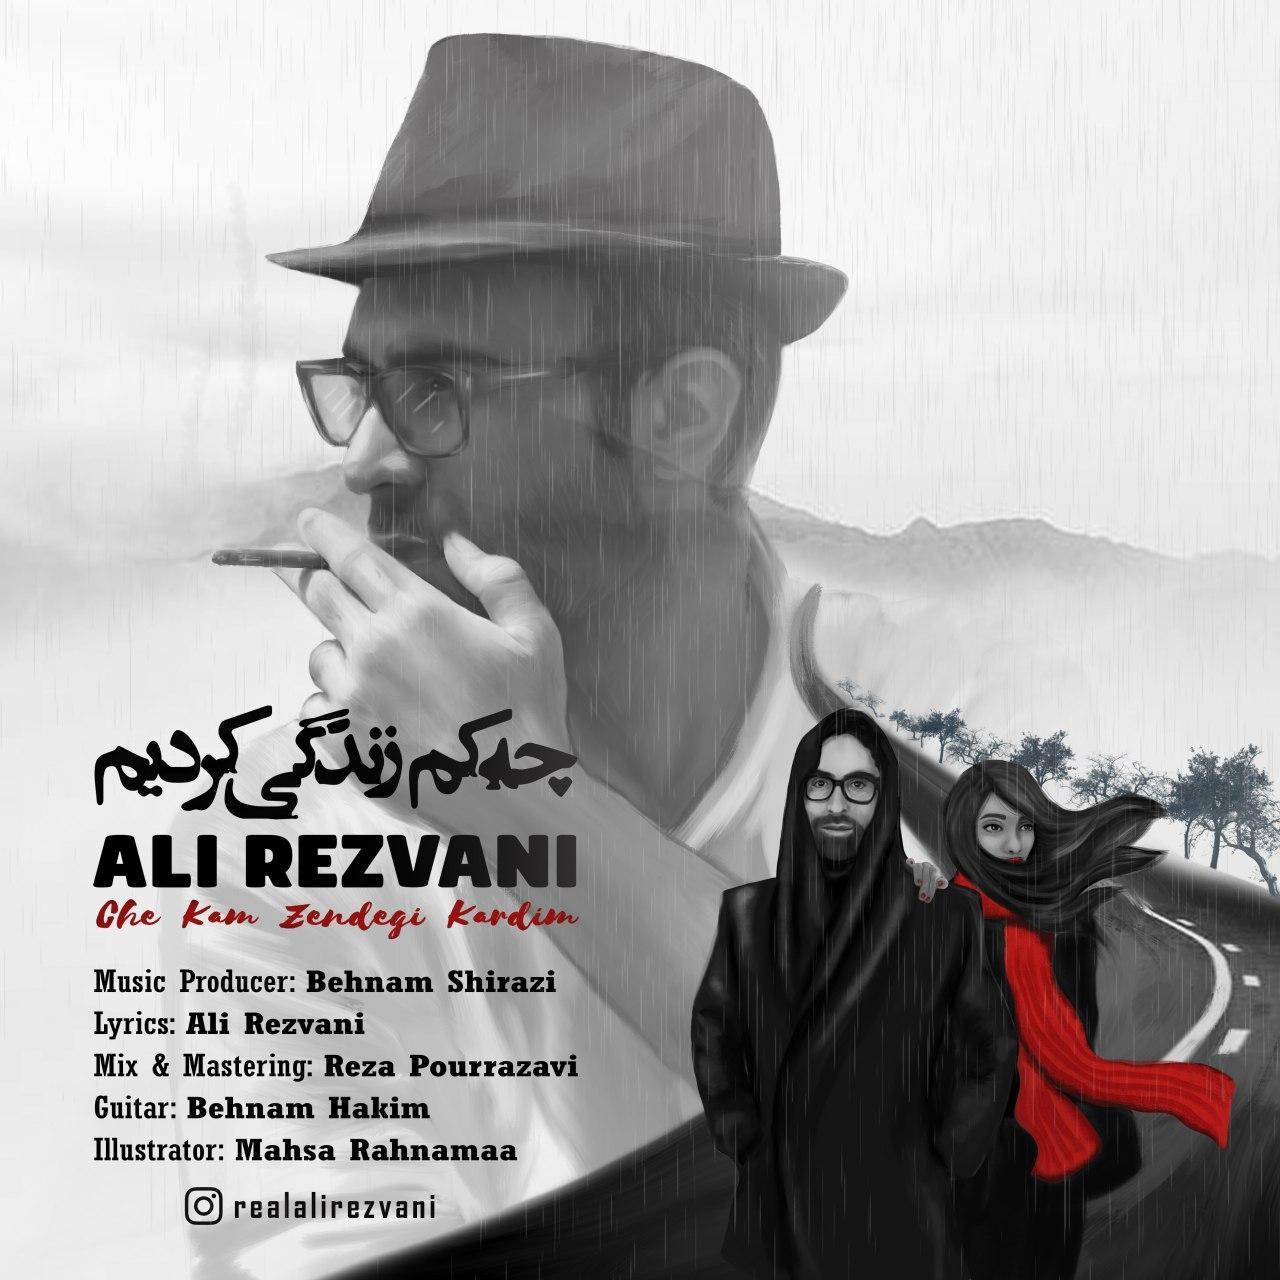 Ali Rezvani – Che Kam Zendegi Kardim